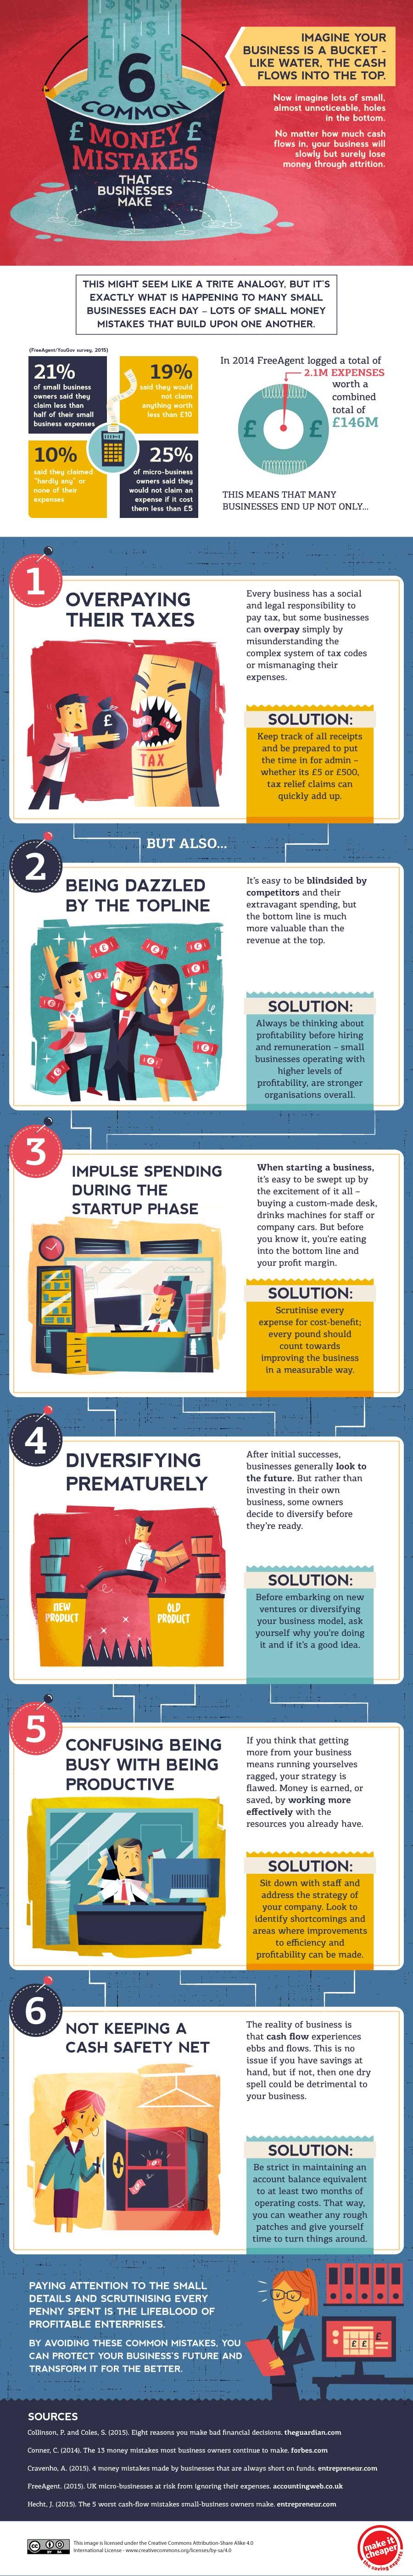 6 common money mistakes infographic